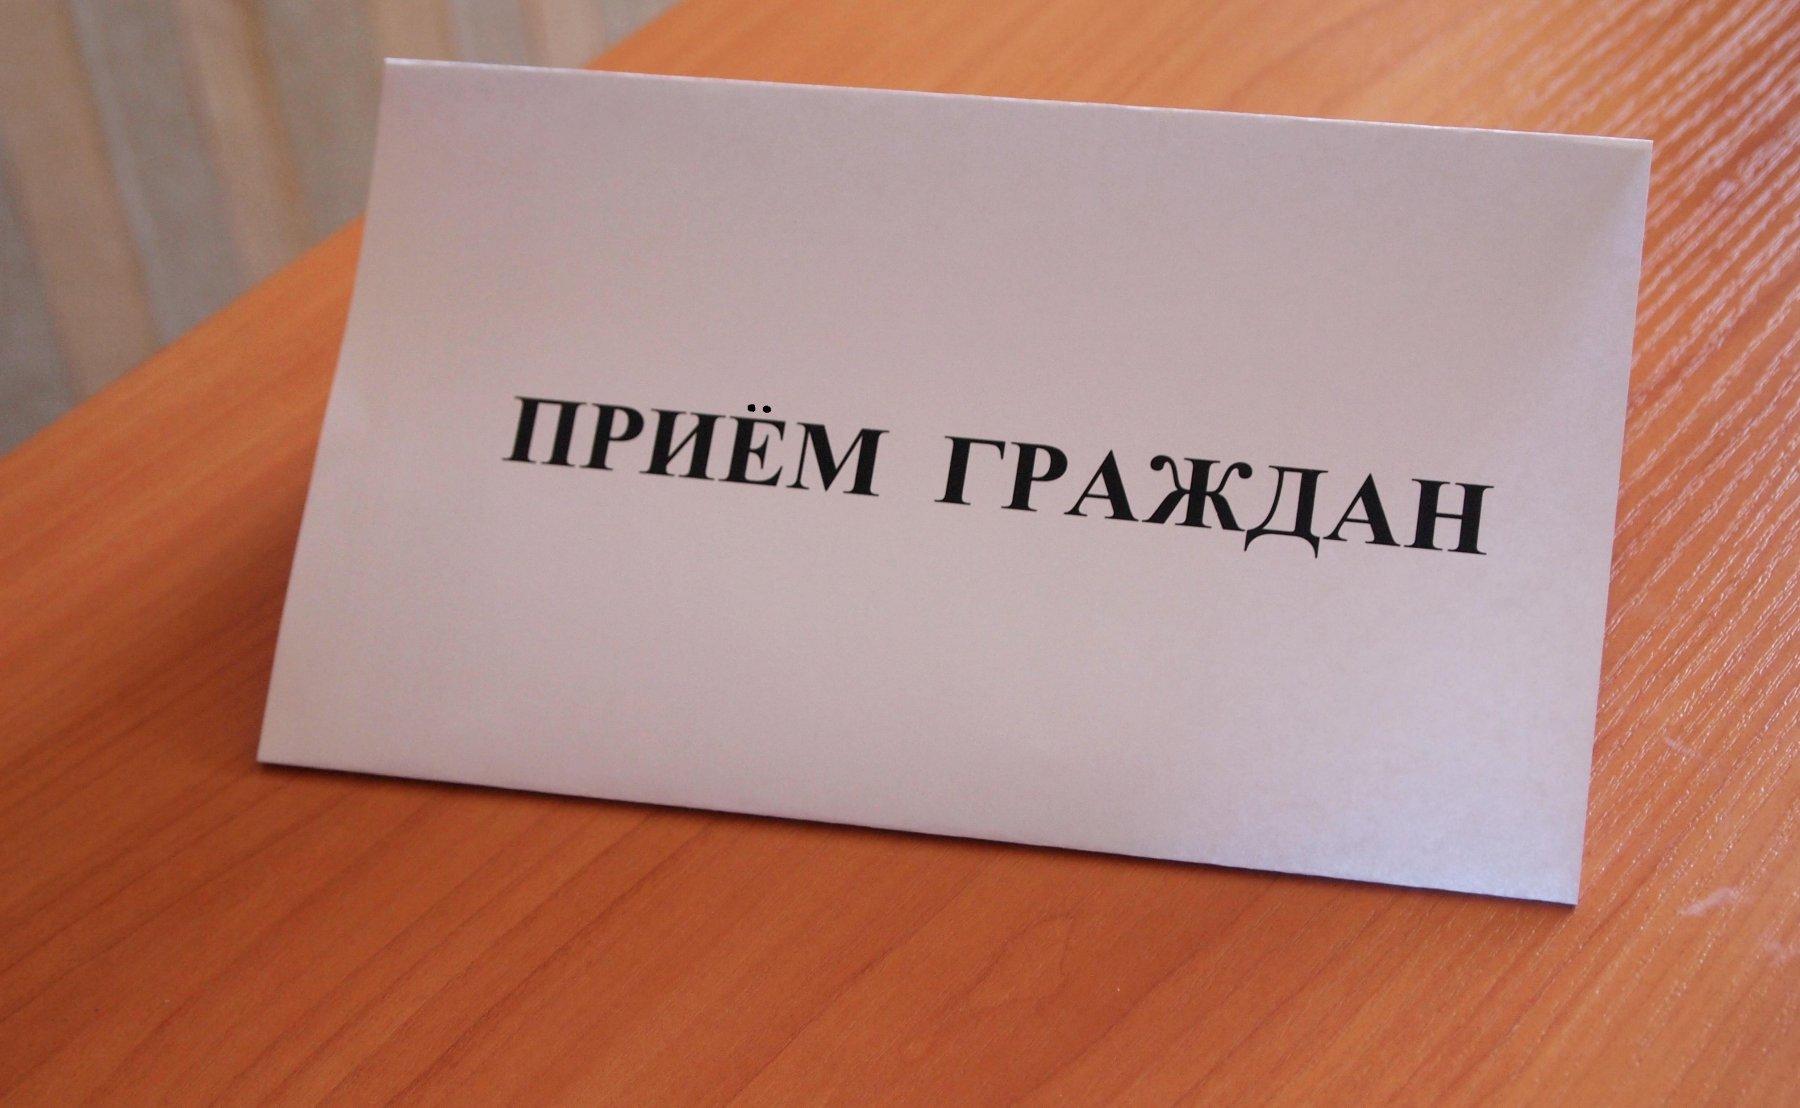 17-19 февраля 2017 года в финансовом отделе райисполкома (г.Кобрин, ул.Суворова, 25, 2-й этаж) будет осуществляться прием граждан по вопросу разъяснений и приема заявлений об освобождении от уплаты сбора на финансирование государственных расходов